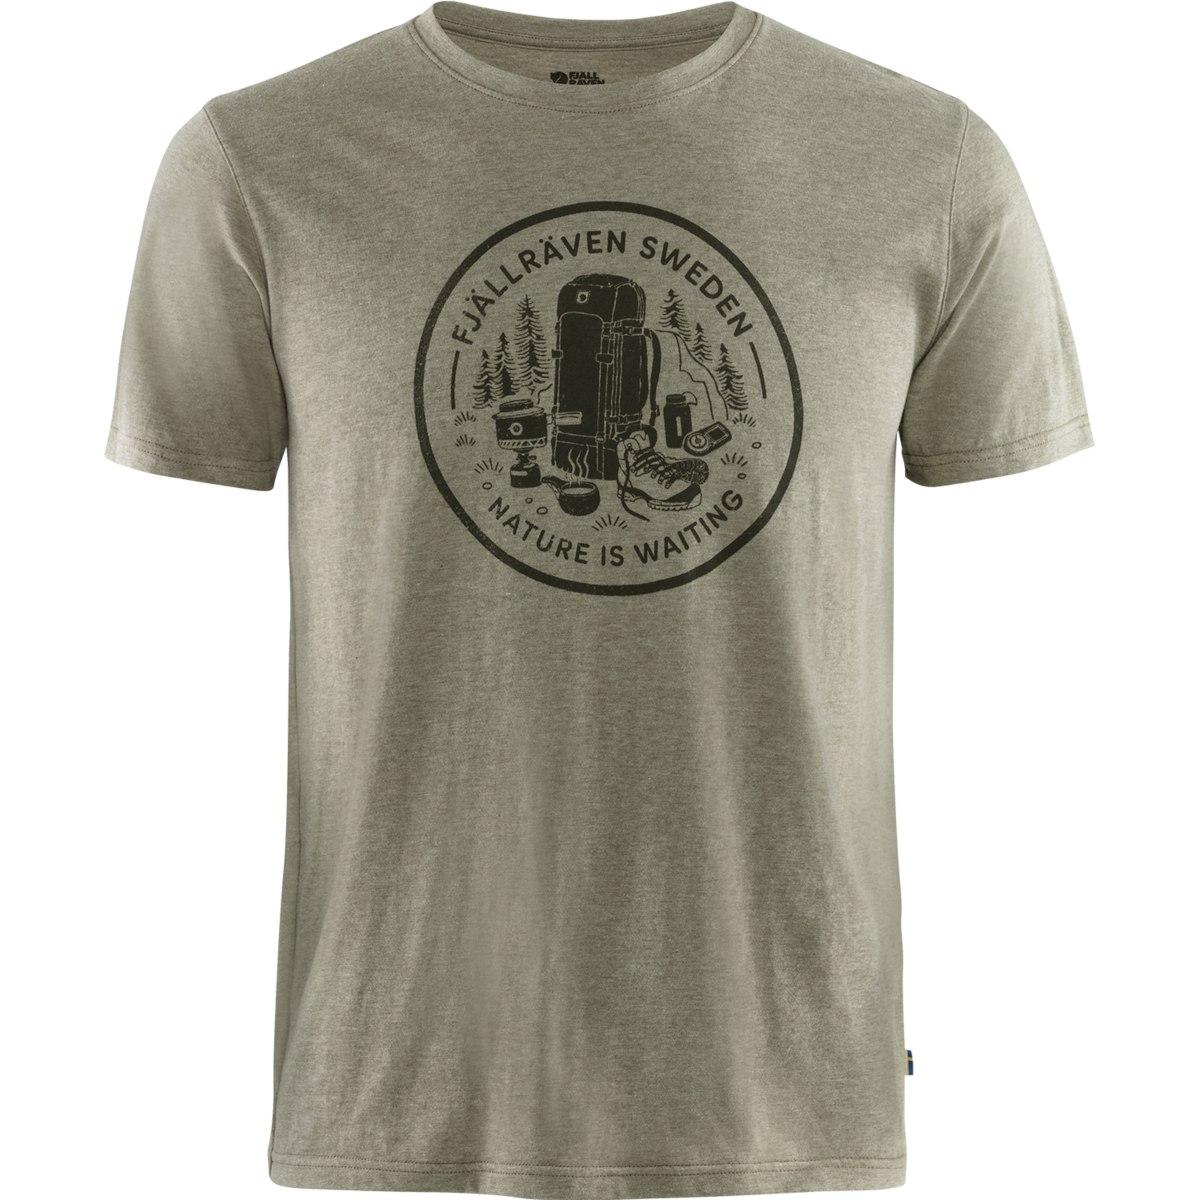 Fjällräven Fikapaus T-Shirt - light olive/melange